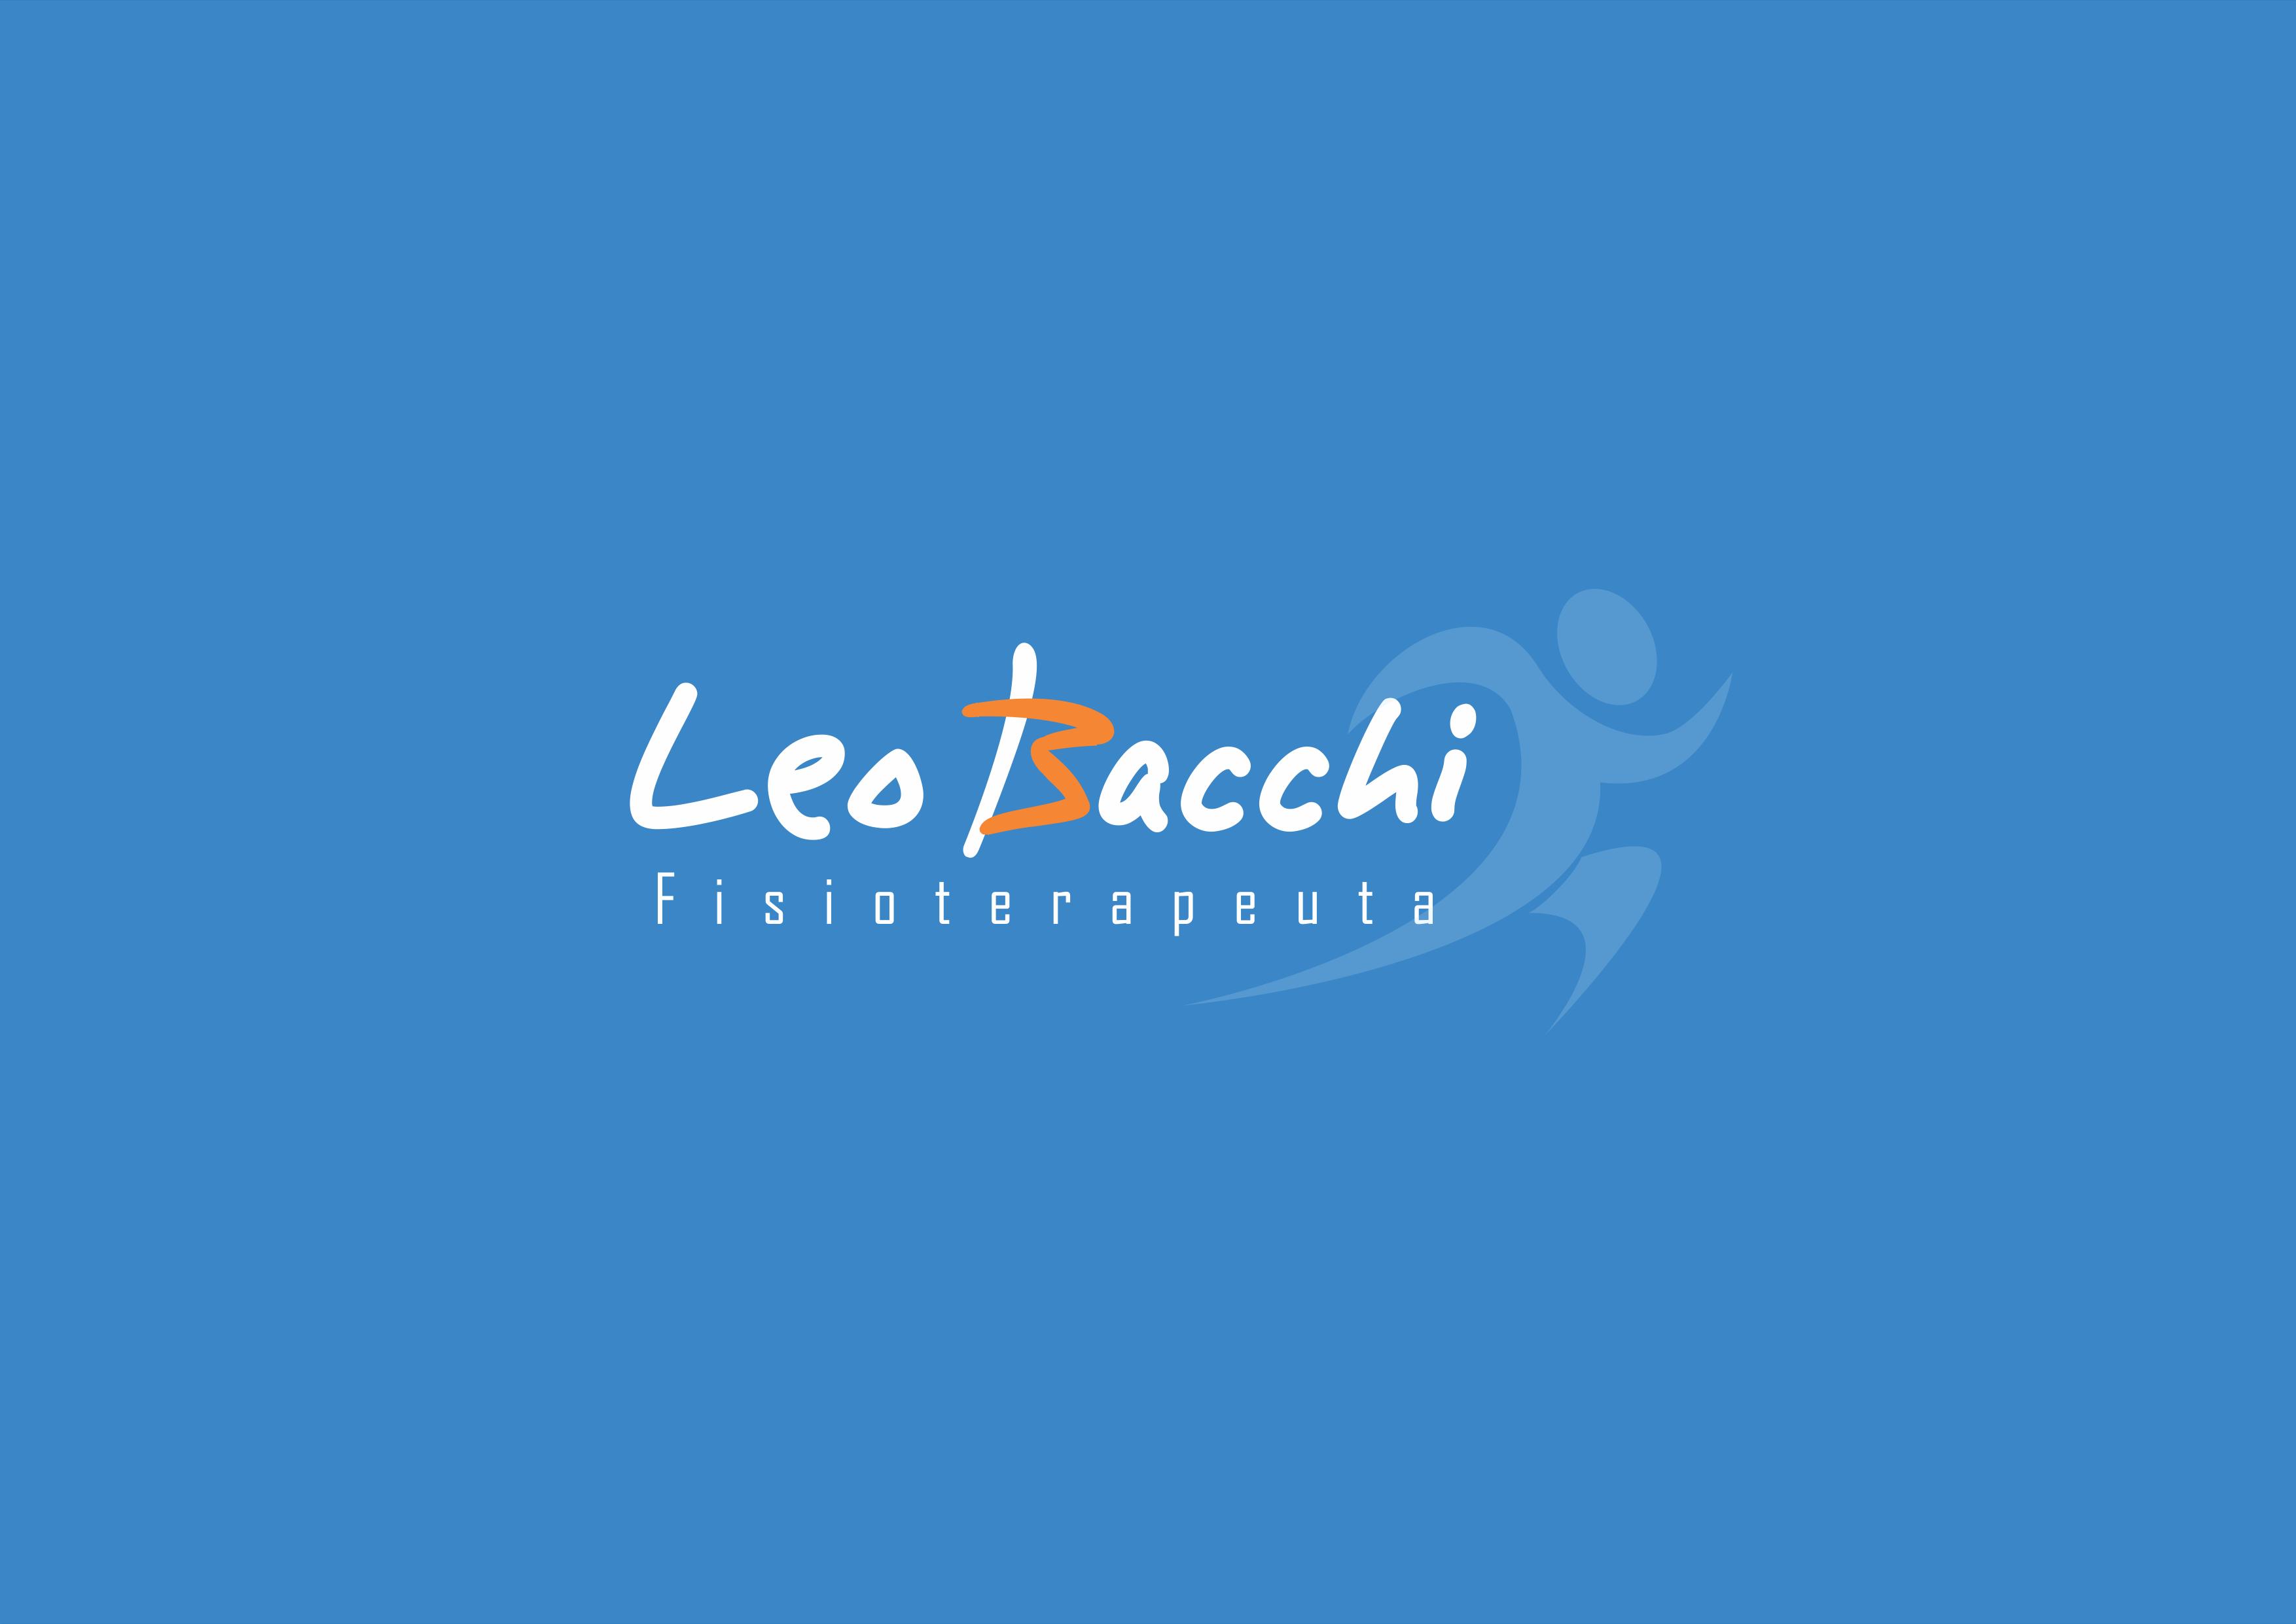 LEO BACCHI FISIOTERAPEUTA